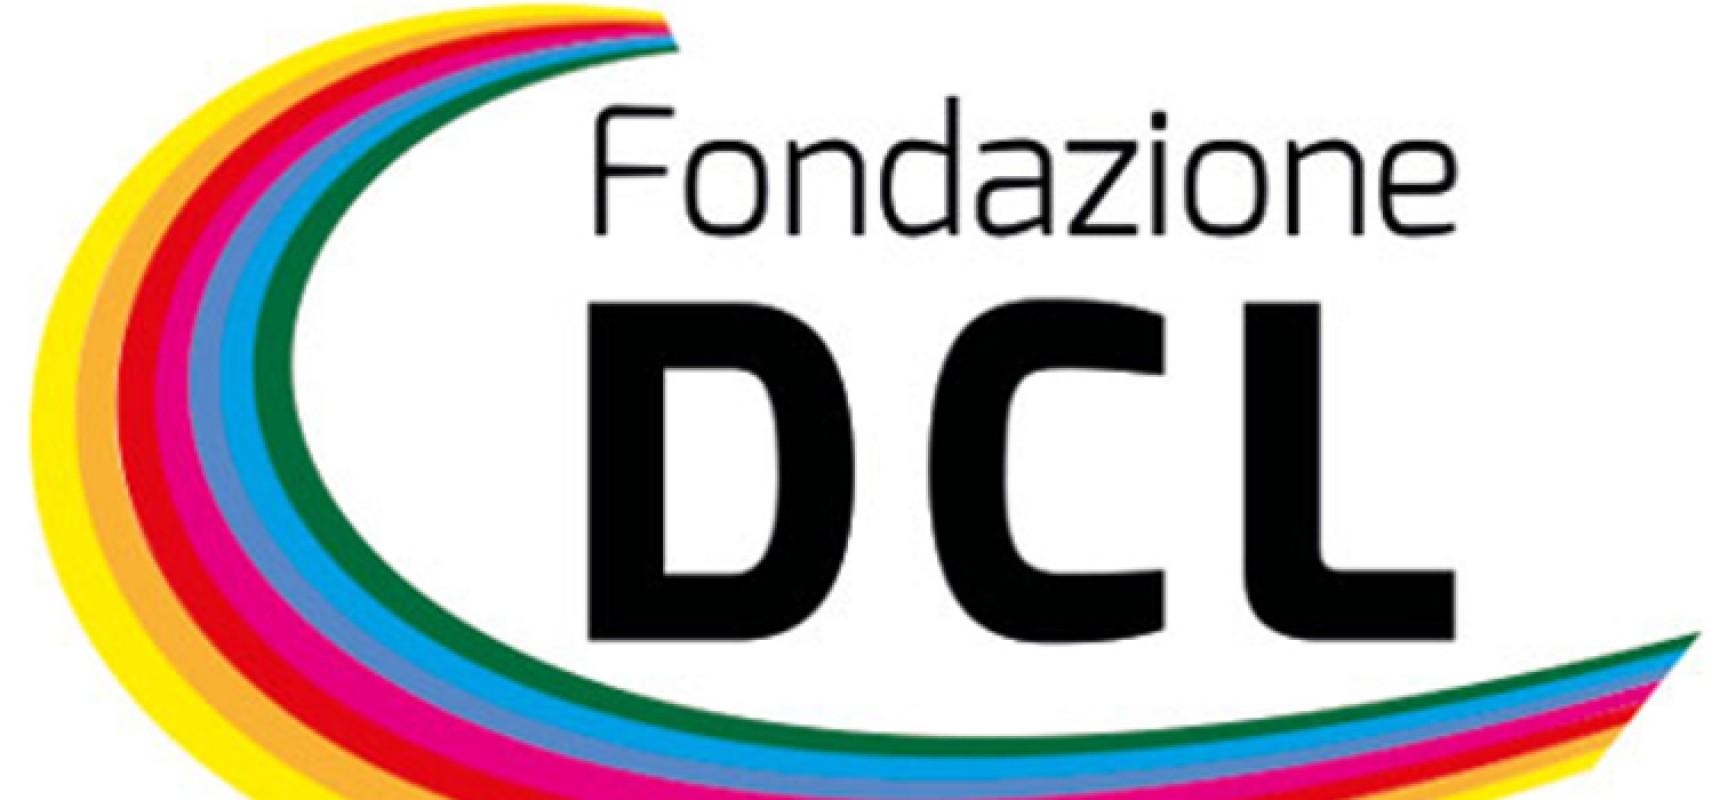 Fondazione DCL: un progetto solidale a favore dei bambini di Chernobyl